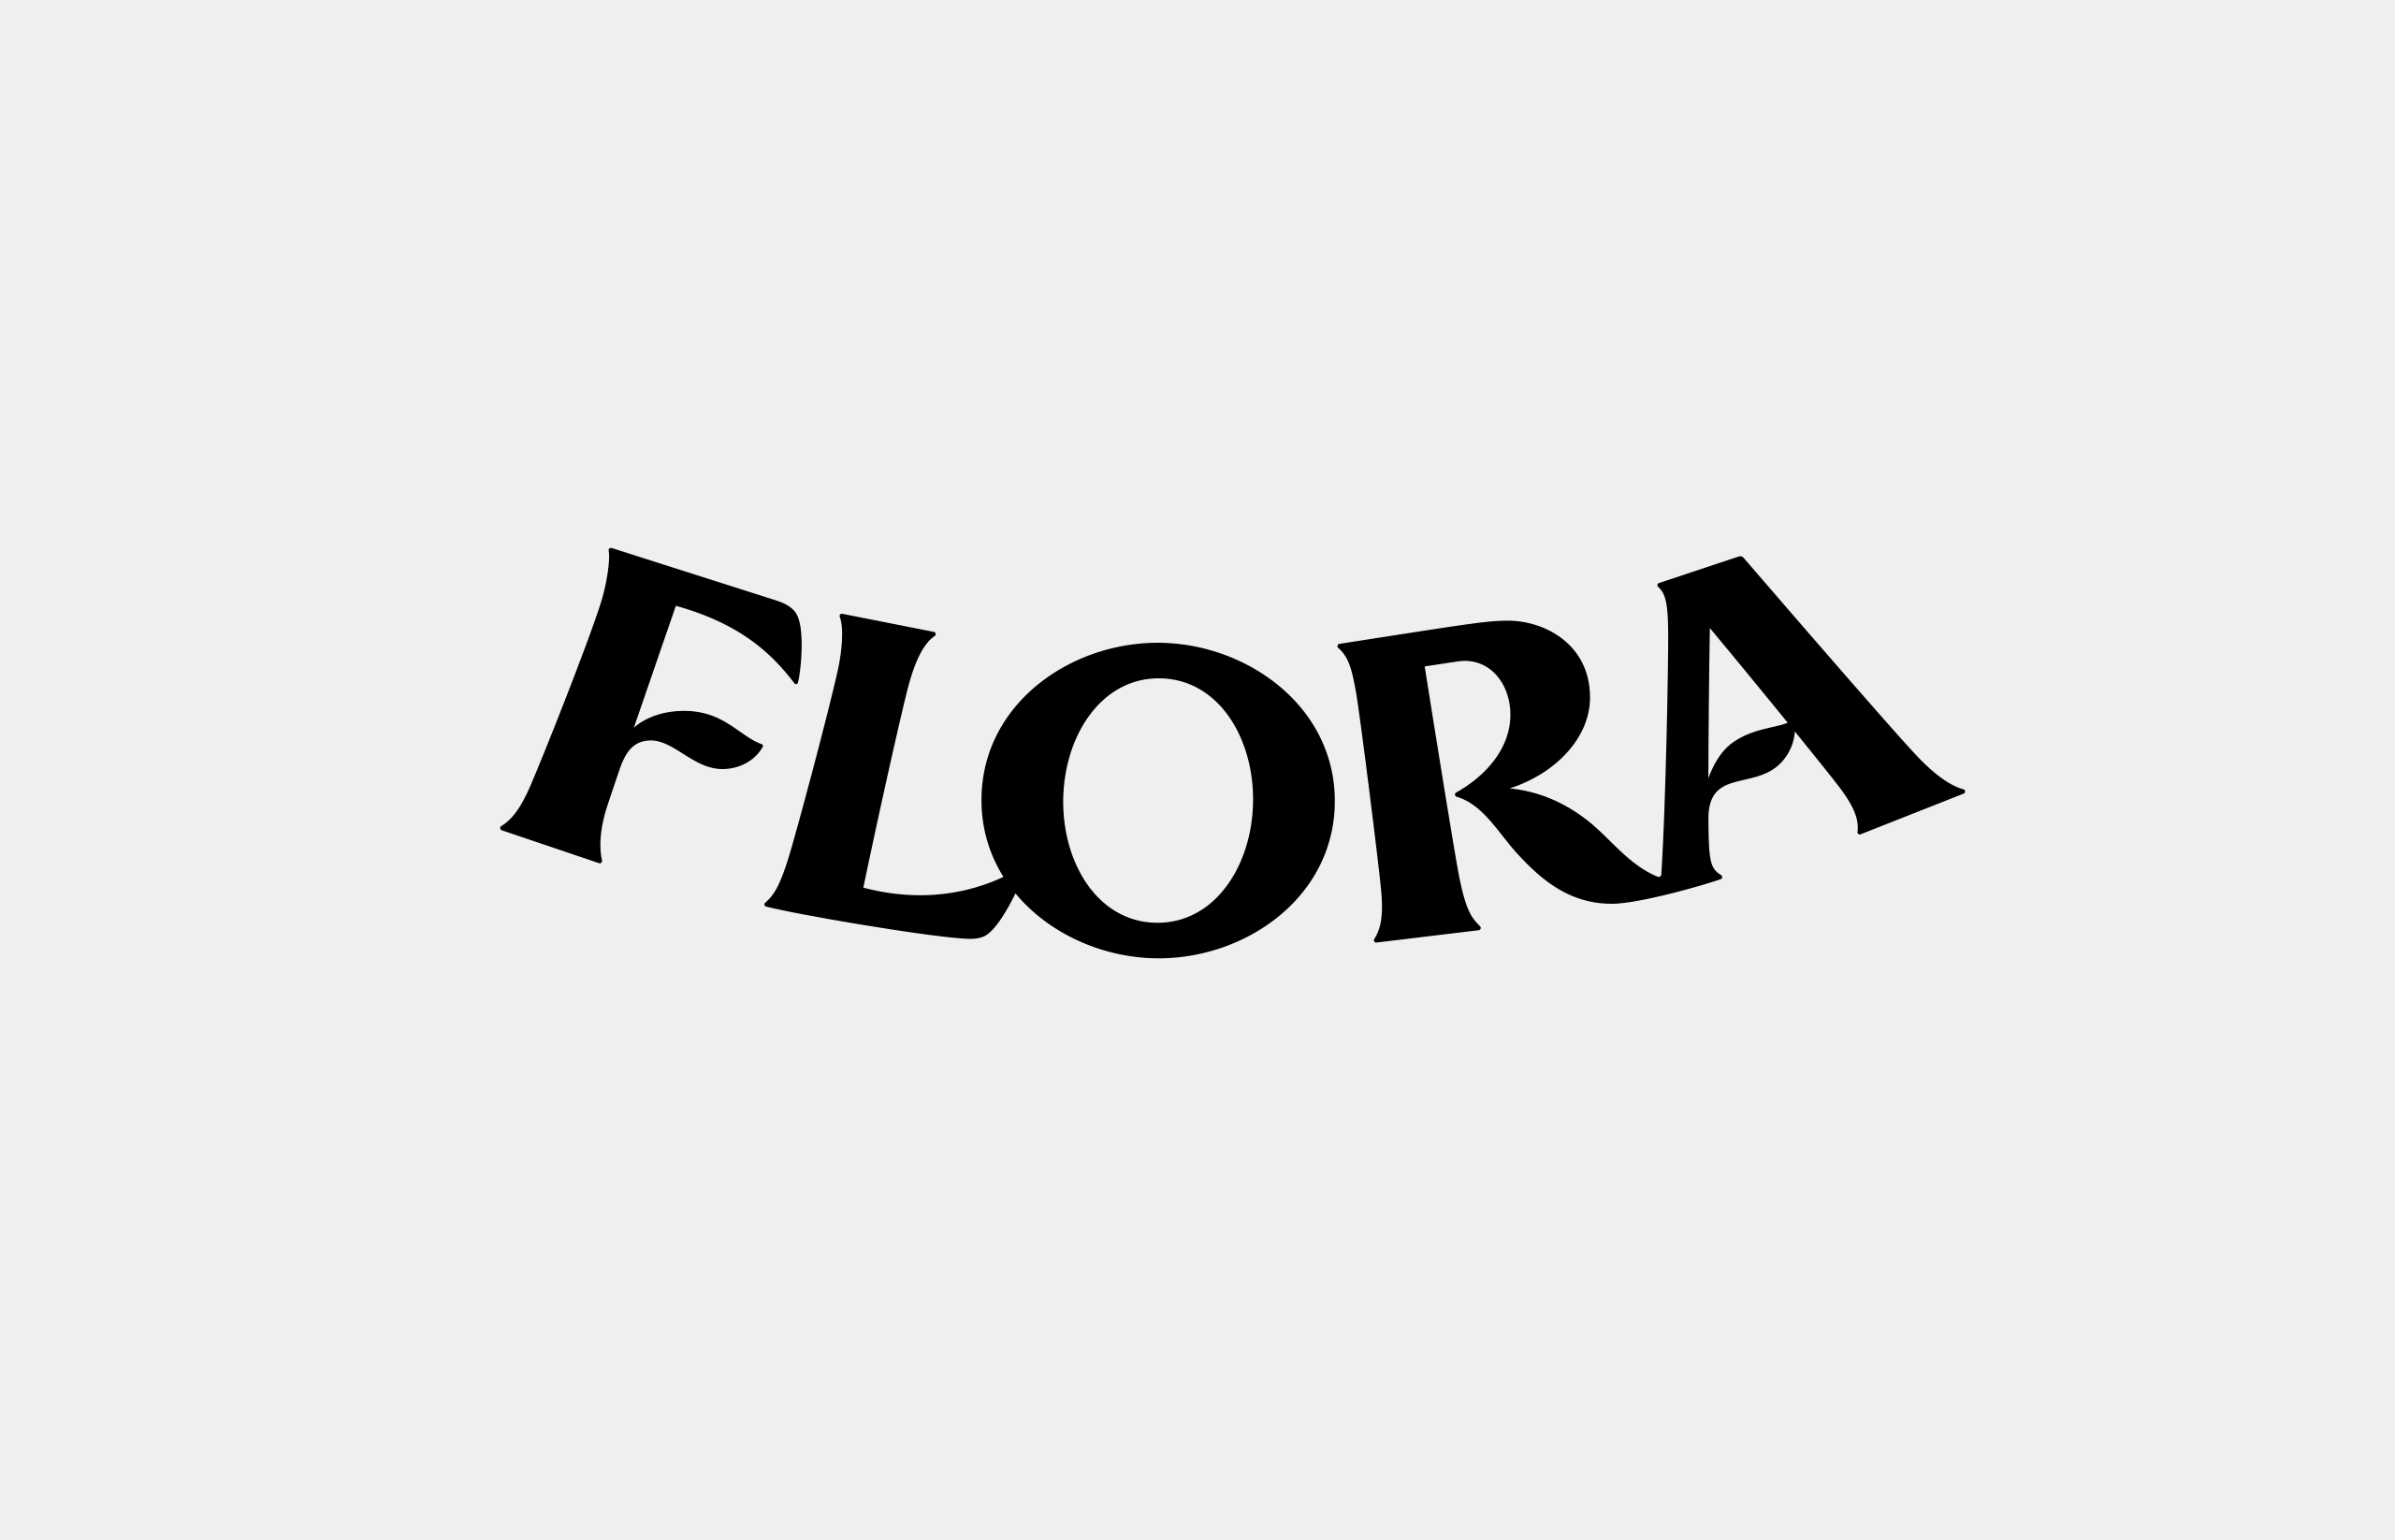 Flora Brandmark –